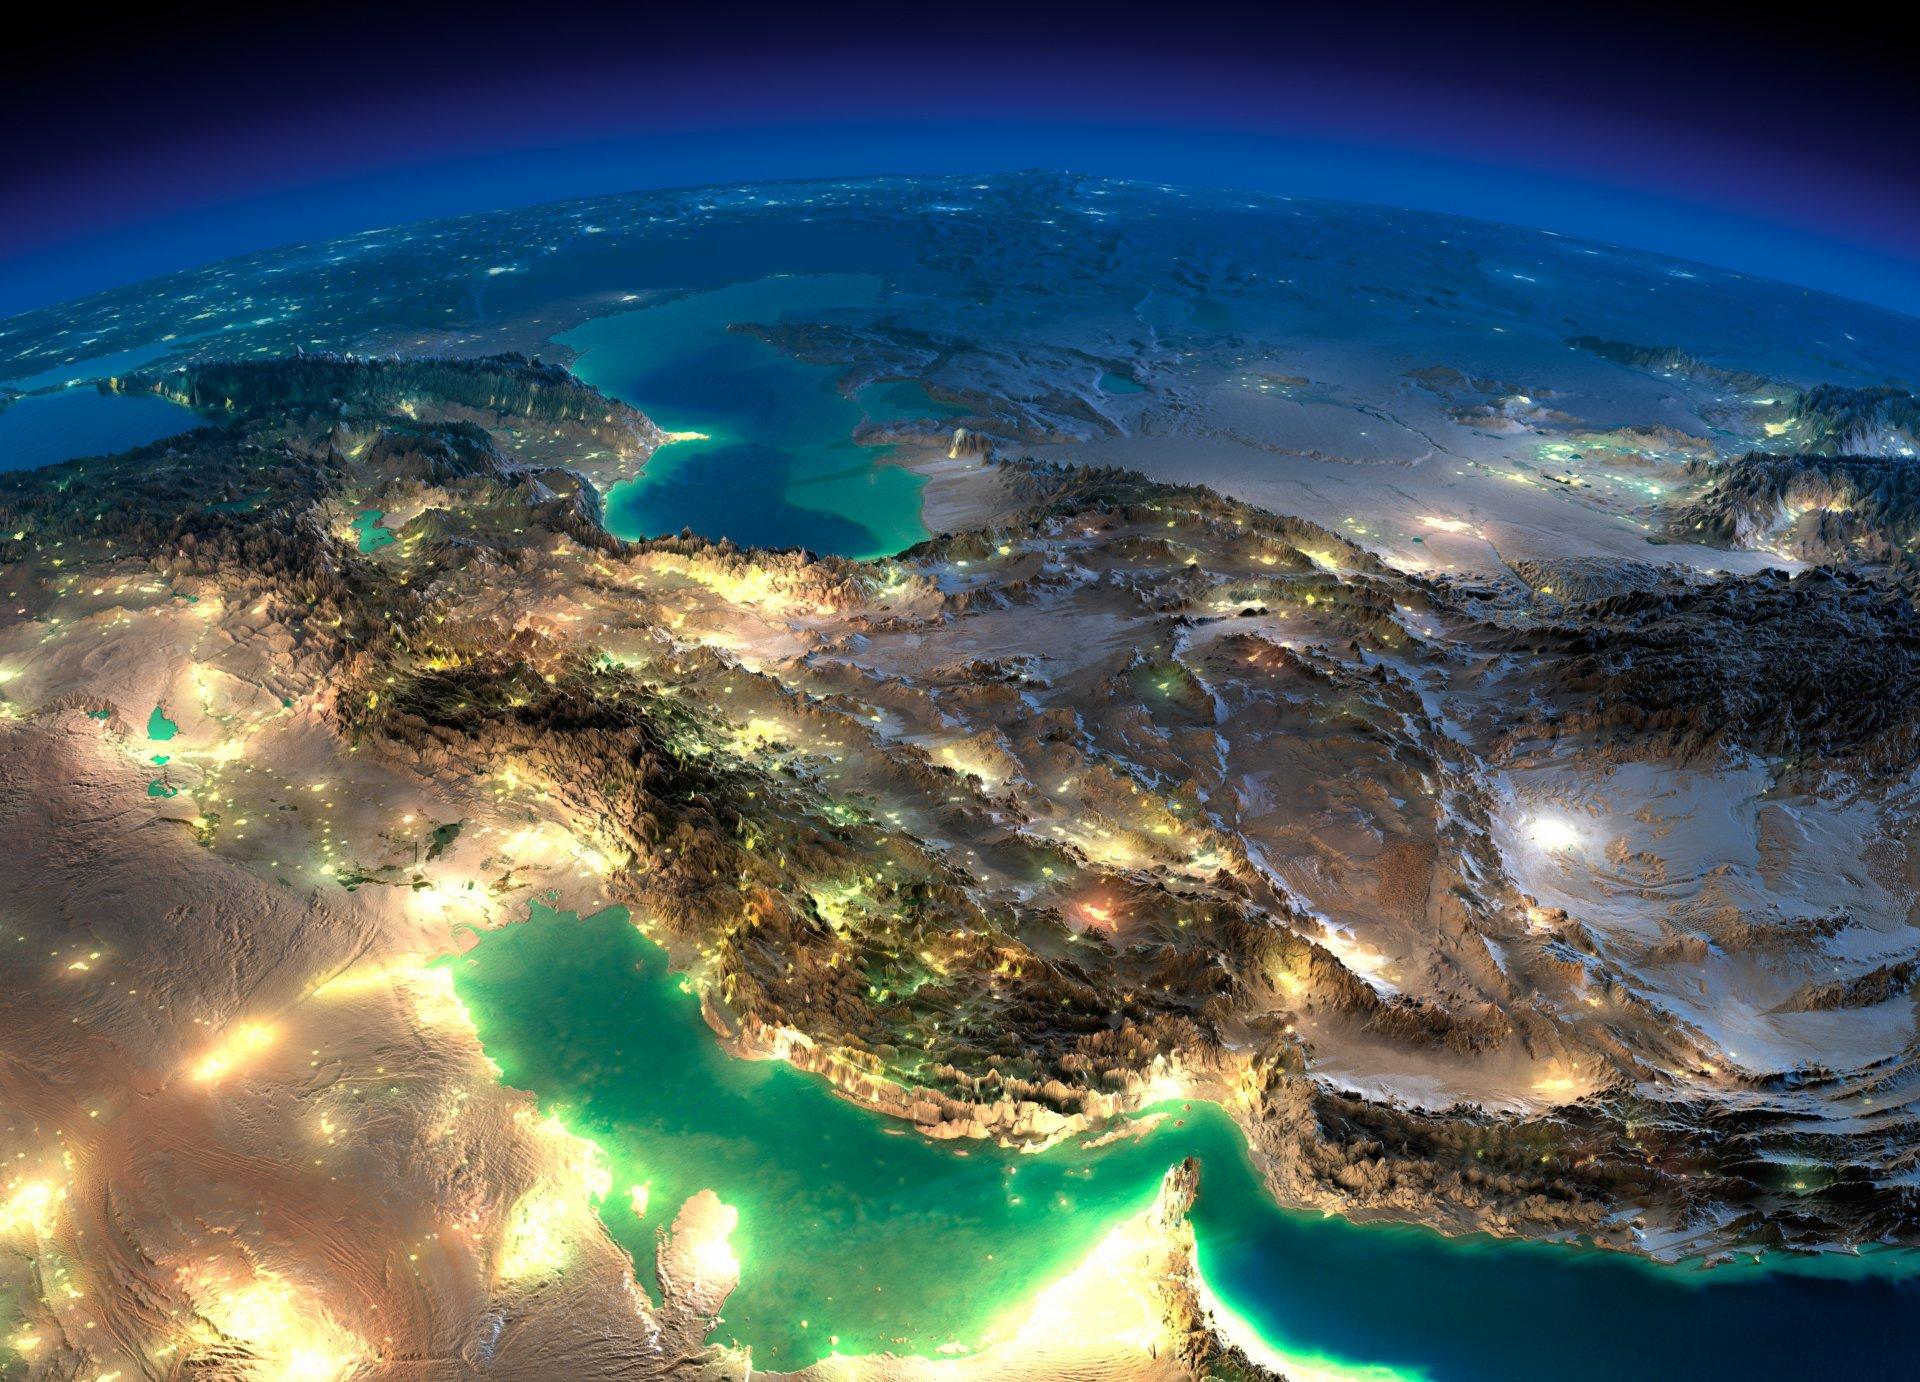 Картинку на экран телефона земля из космоса